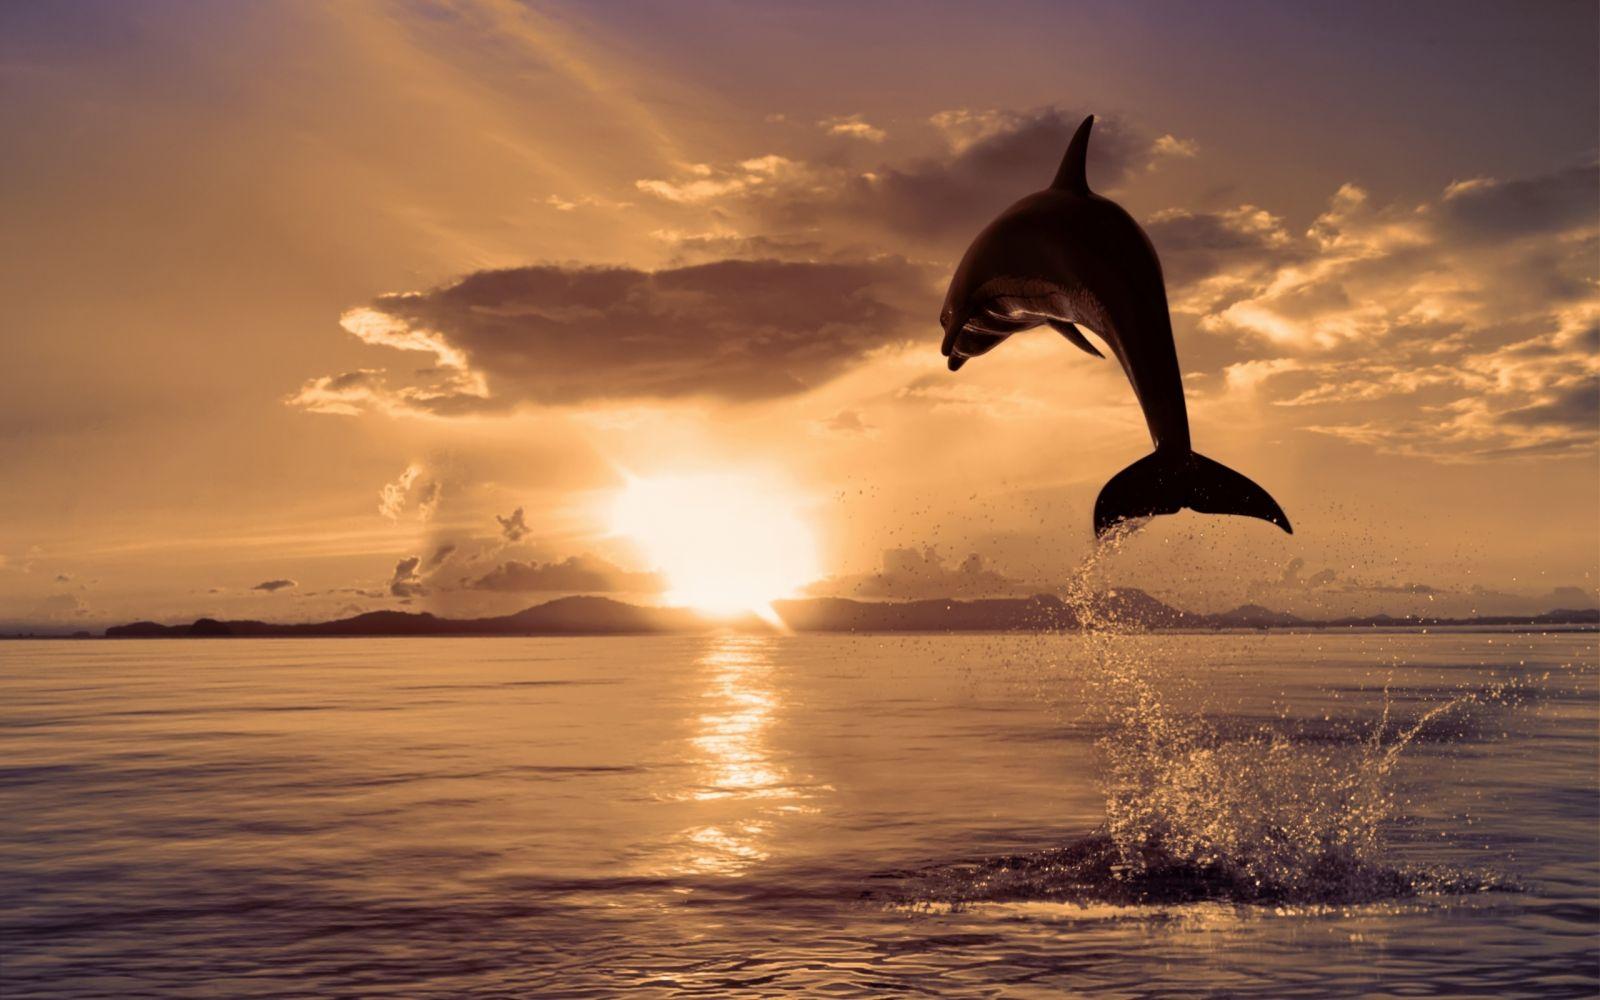 Анализ акустических сигналов дельфинов-афалин показал возможное наличие у них развитой разговорной речи - 1